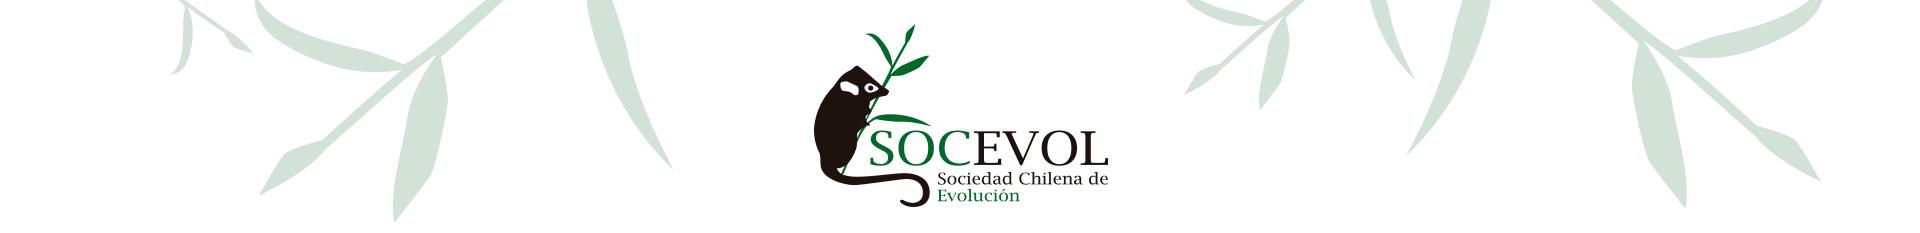 Sociedad Chilena de Evolución